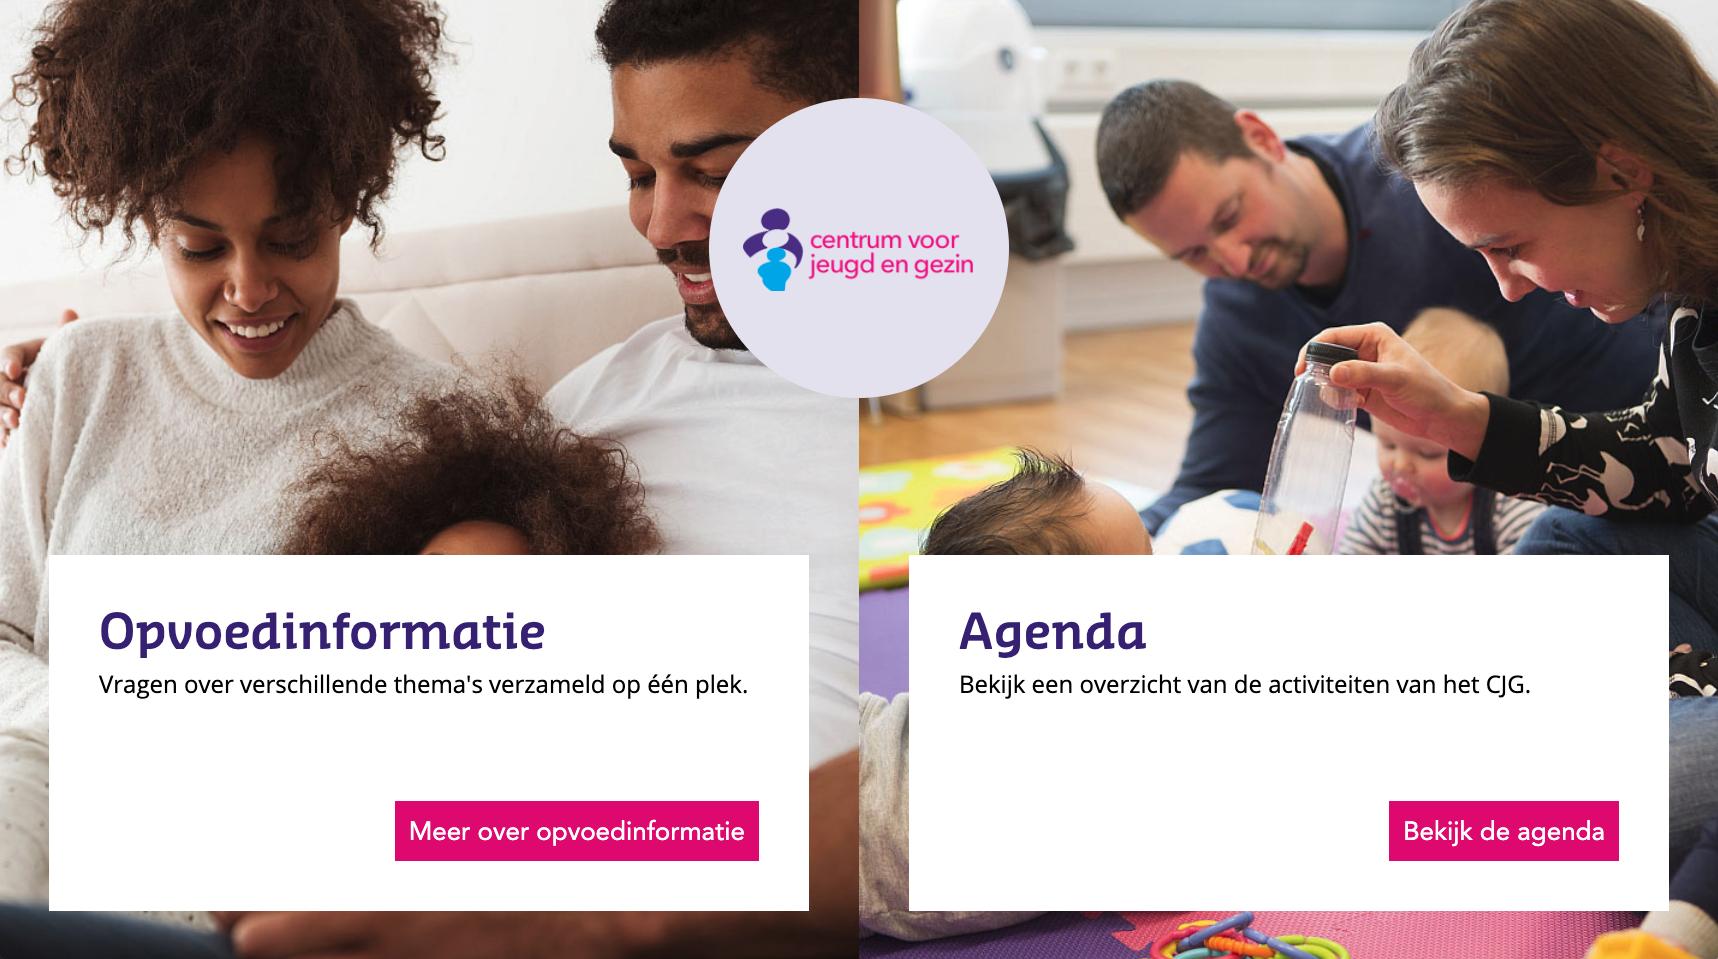 afbeelding centrum voor jeugd webapplicatie tablet slider met 2 opties, opvoedinformatie en agenda